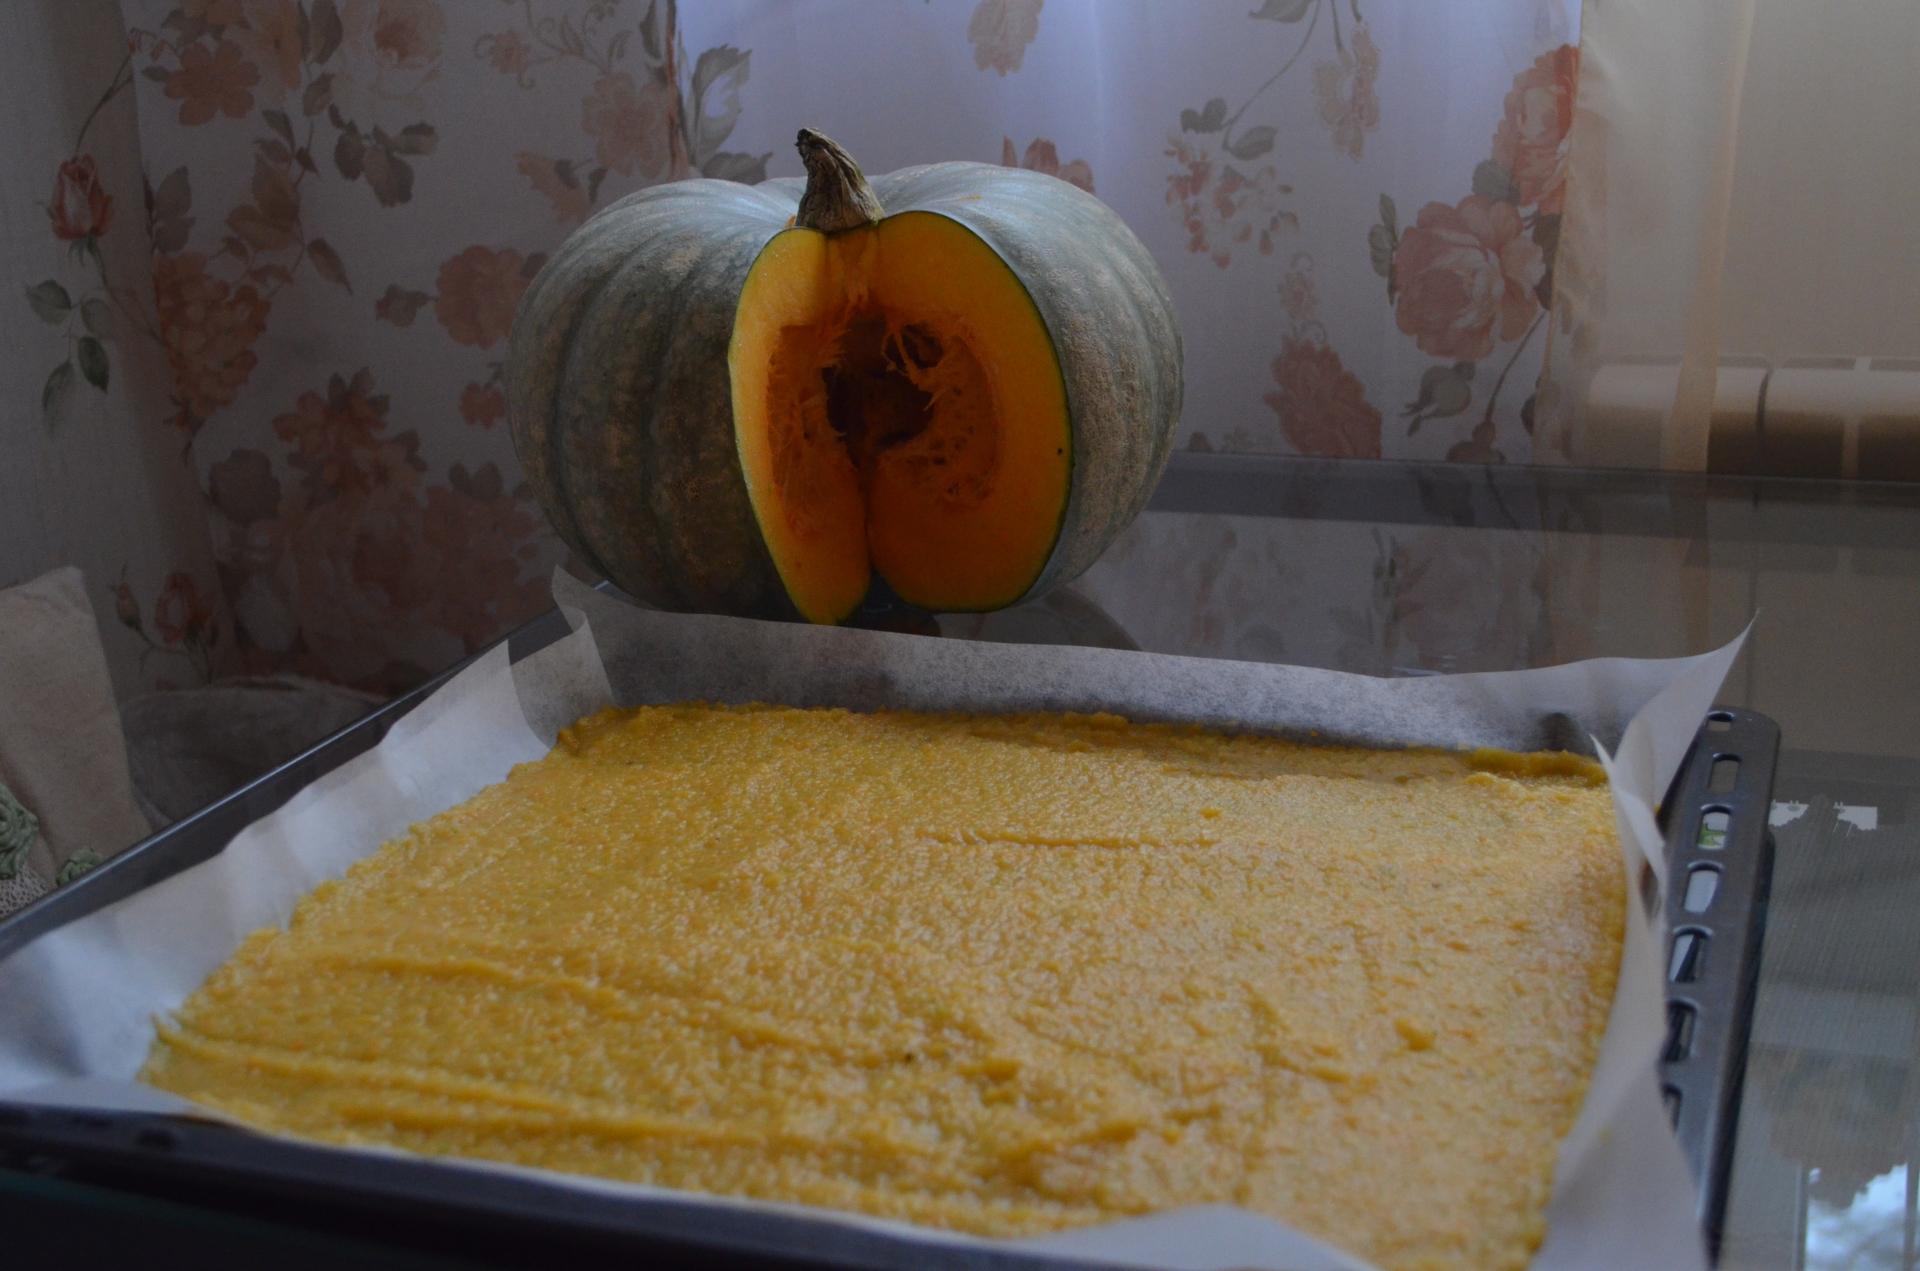 Белевская пастила из яблок в домашних условиях - Рецепты 40